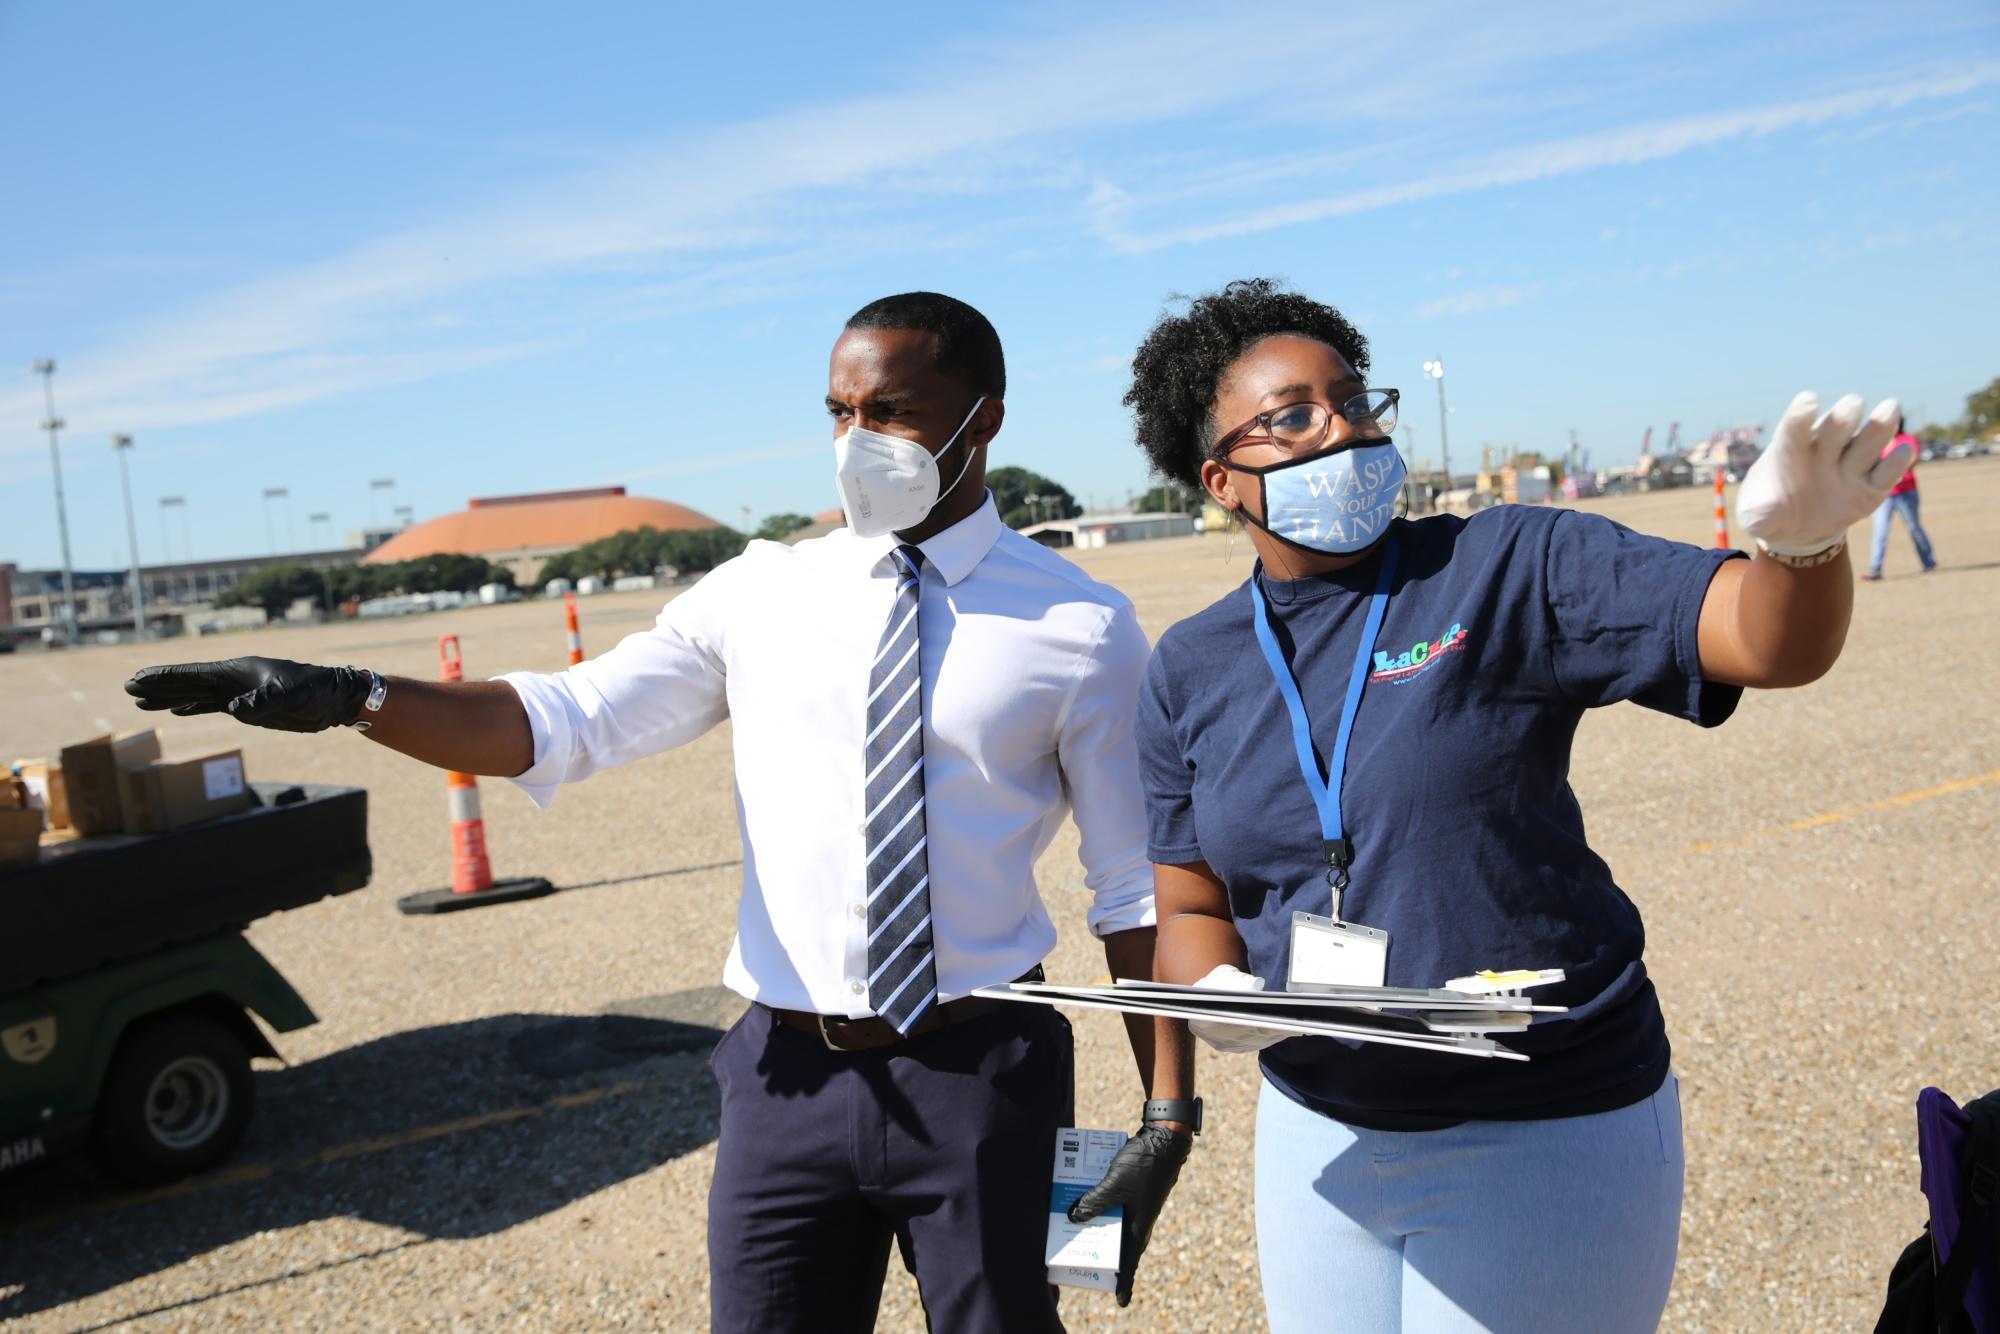 Burmistrz Shreveport, Adrian Perkins, pojawia się i rozdaje darmowe termomery w klinice dla kierowców na grypę w Louisiana State Fairgrounds w Shreveport, Luizjana, USA, w czwartek, 5 listopada 2020 r. Fotograf: Dylan Hollingsworth / Bloomberg